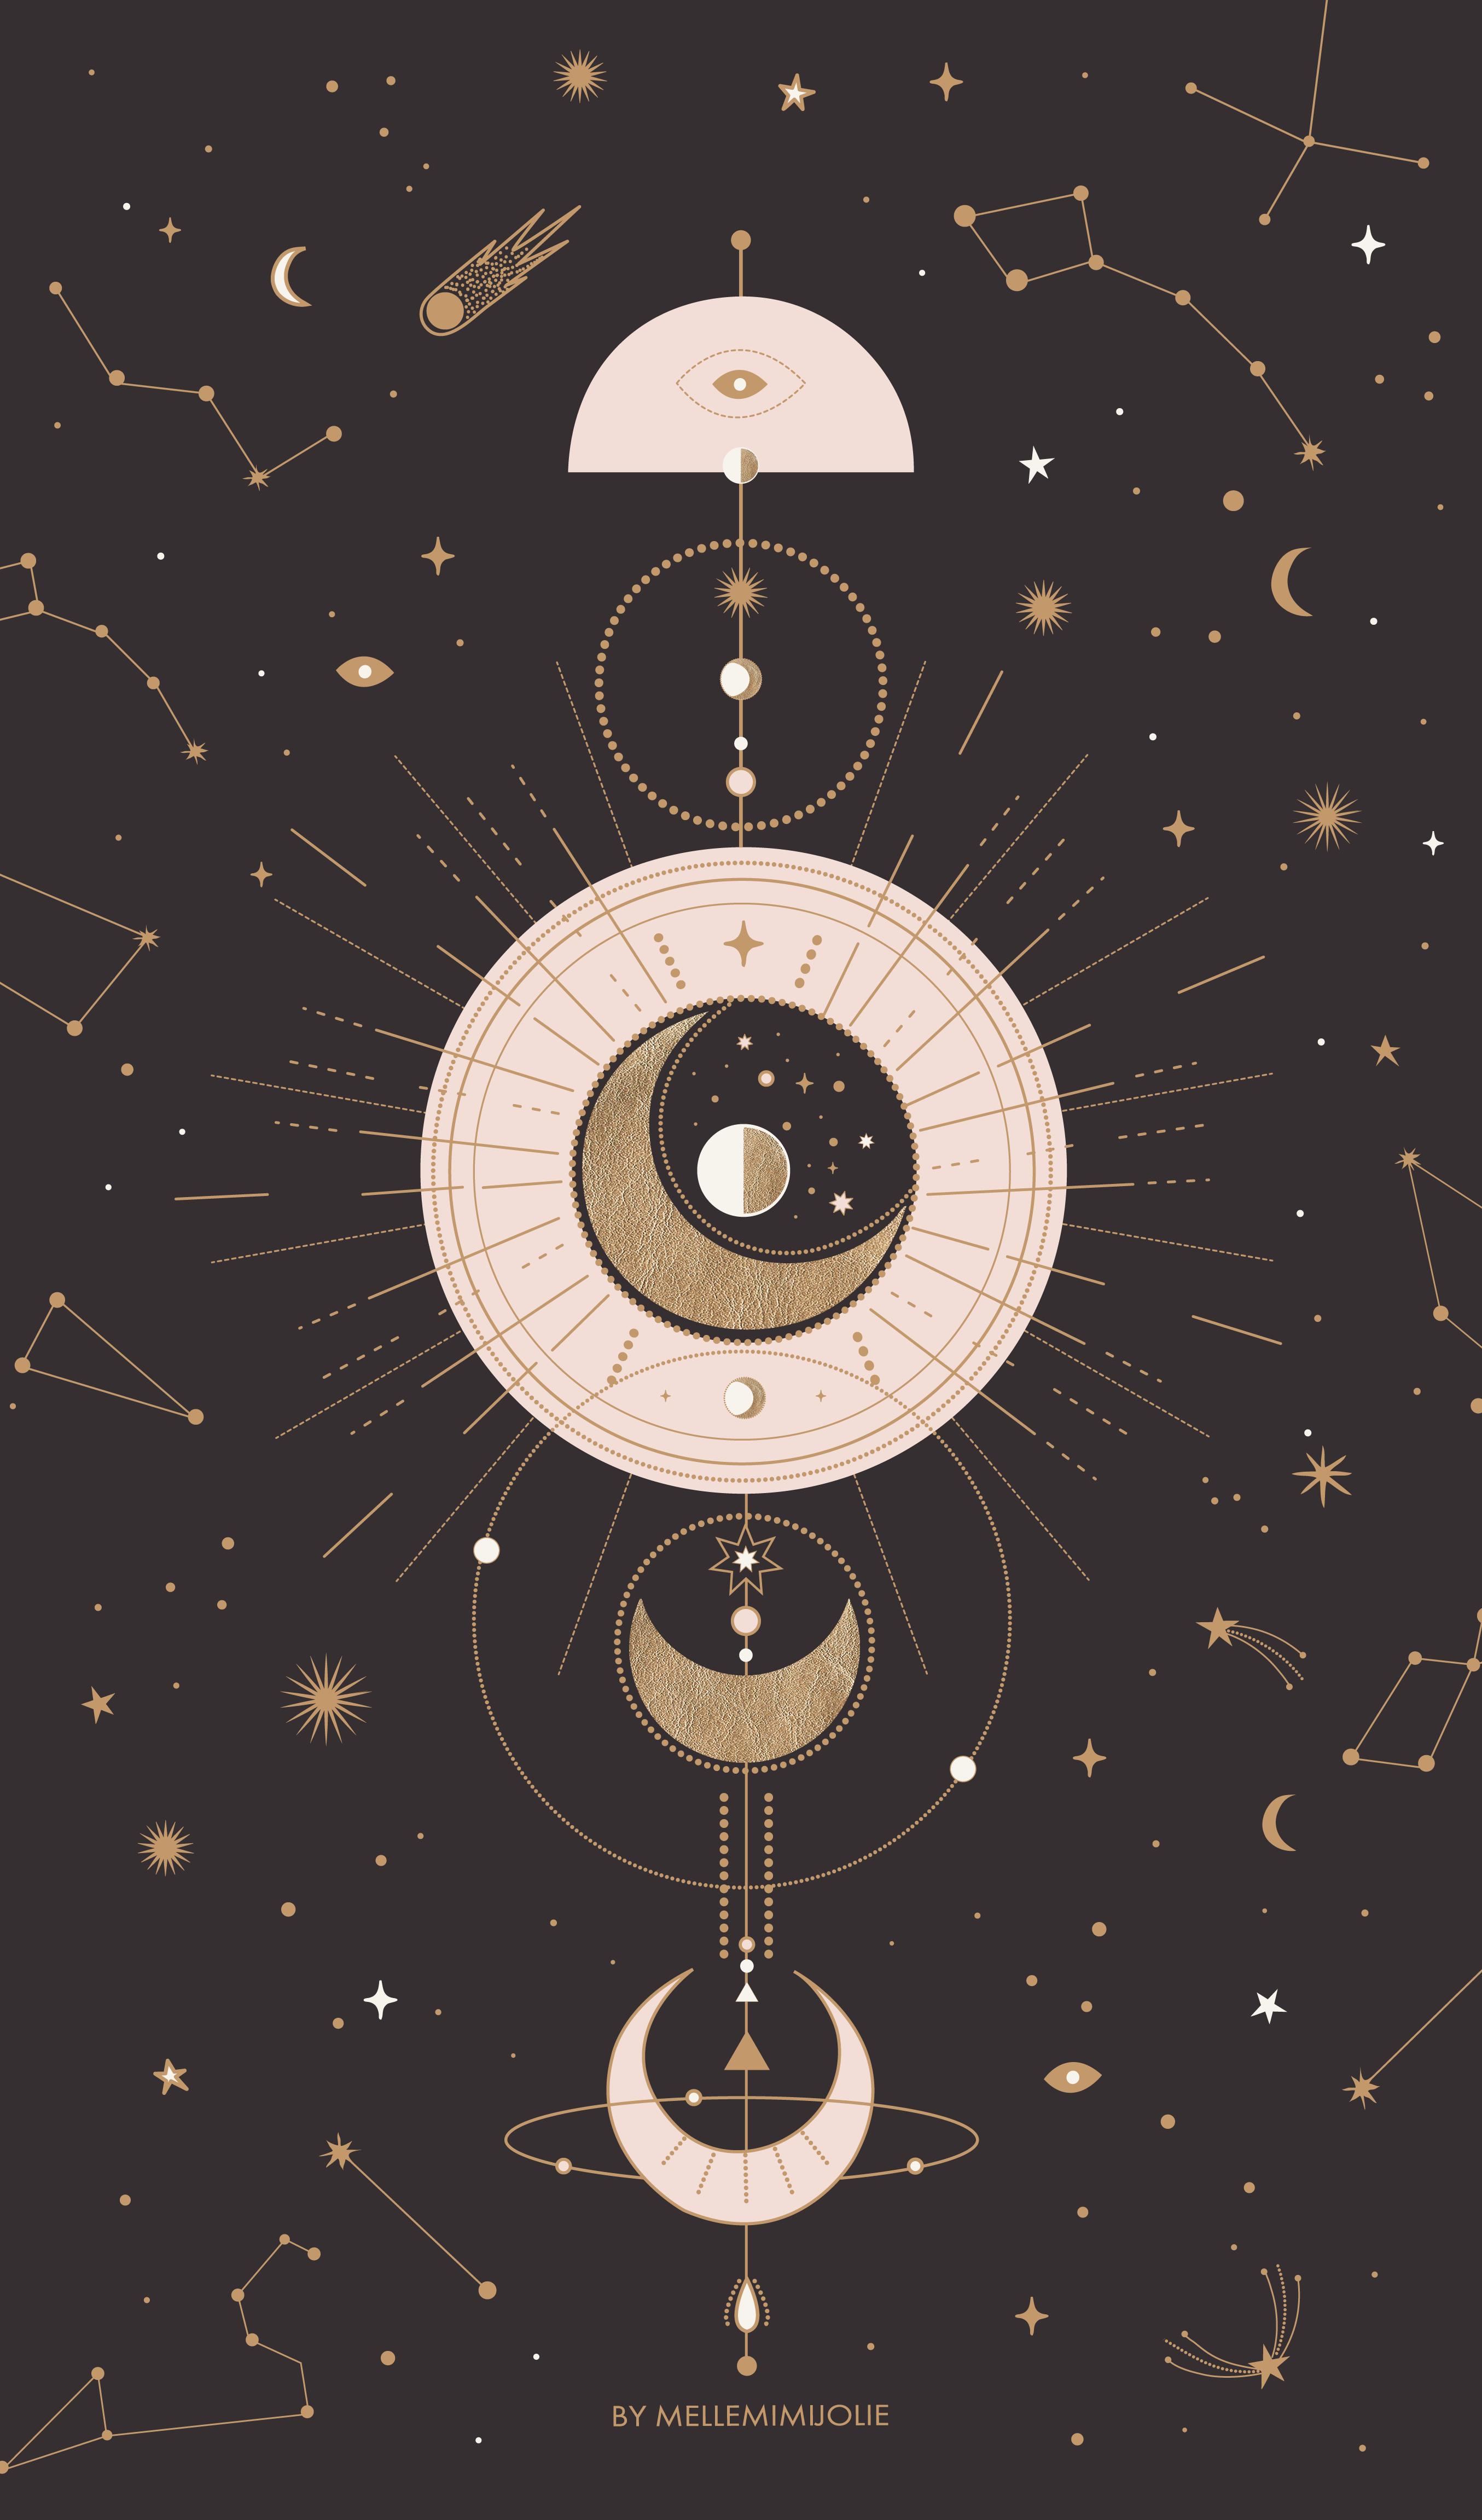 Pin By Ivana Cuellar On Fond D Ecran Constellation Art Iphone Wallpaper Moon Art